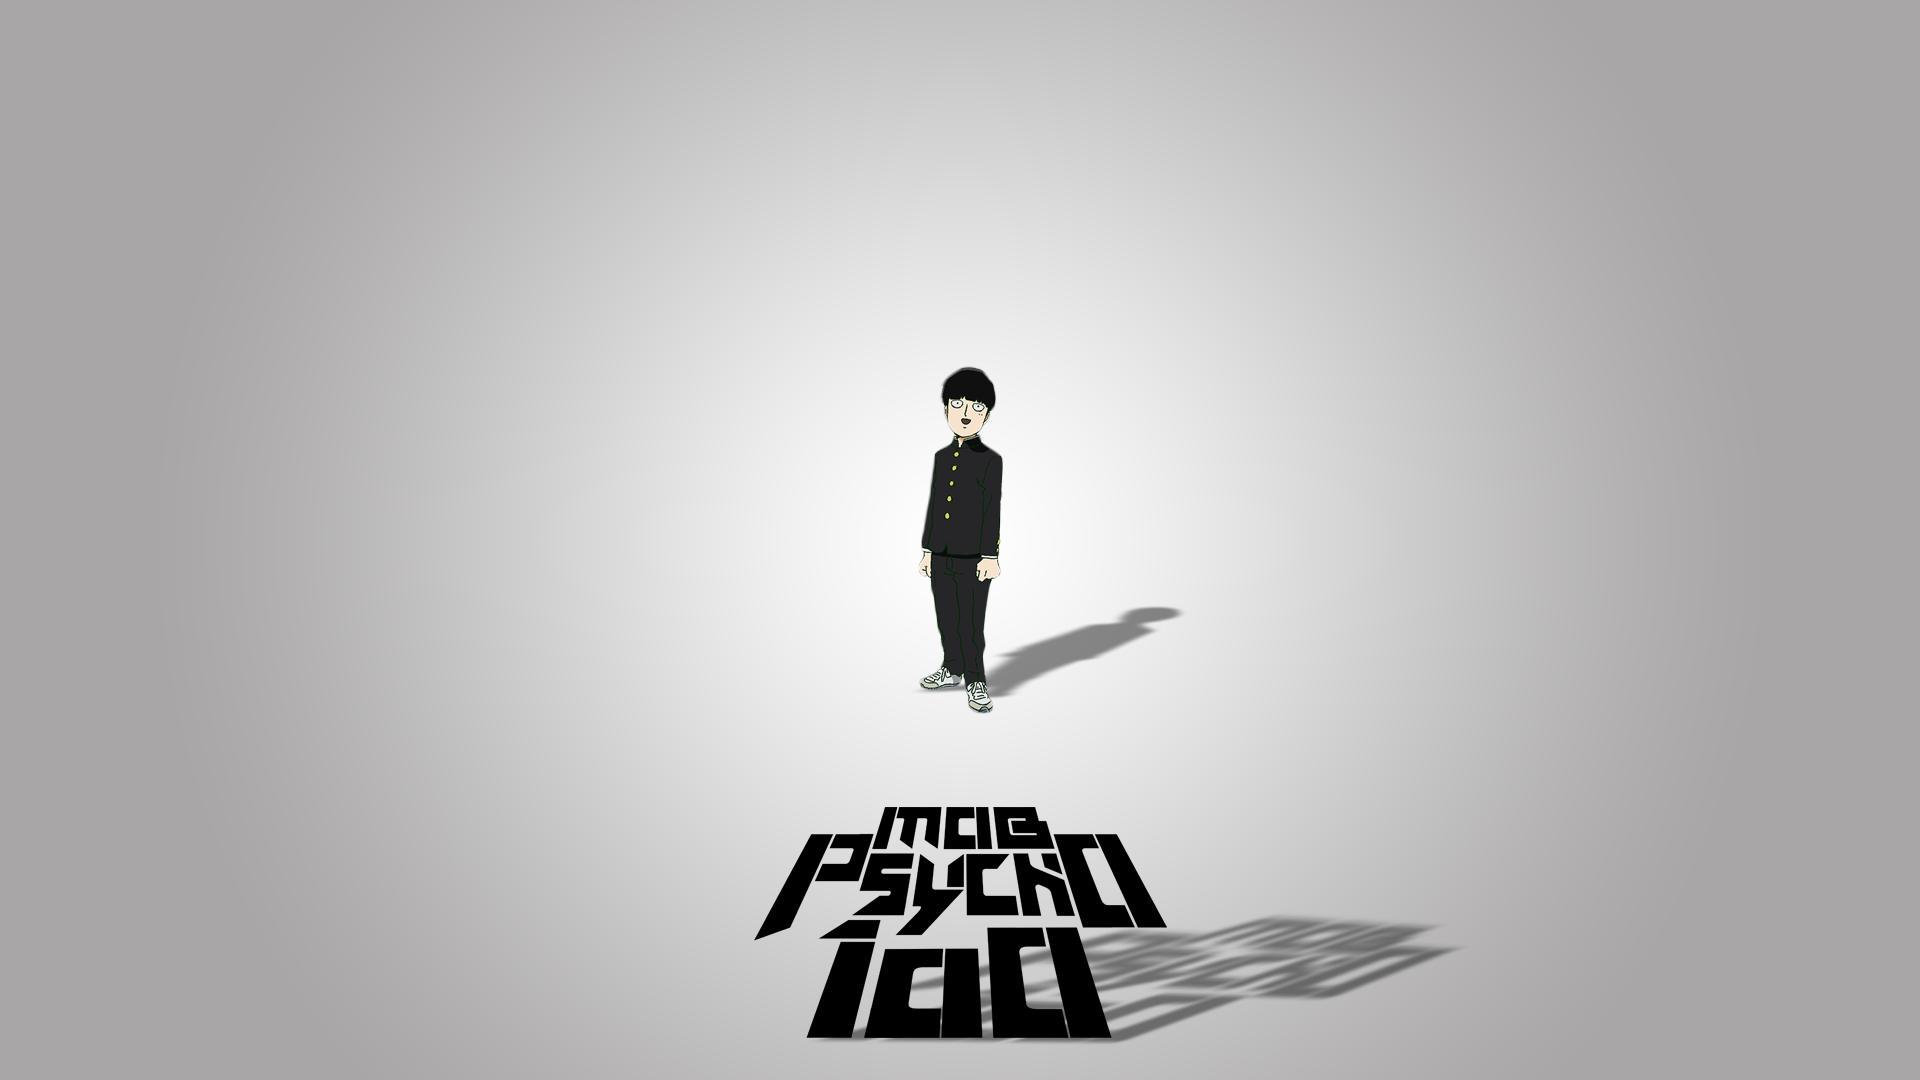 Mob Psycho 100 Wallpaper HD Download